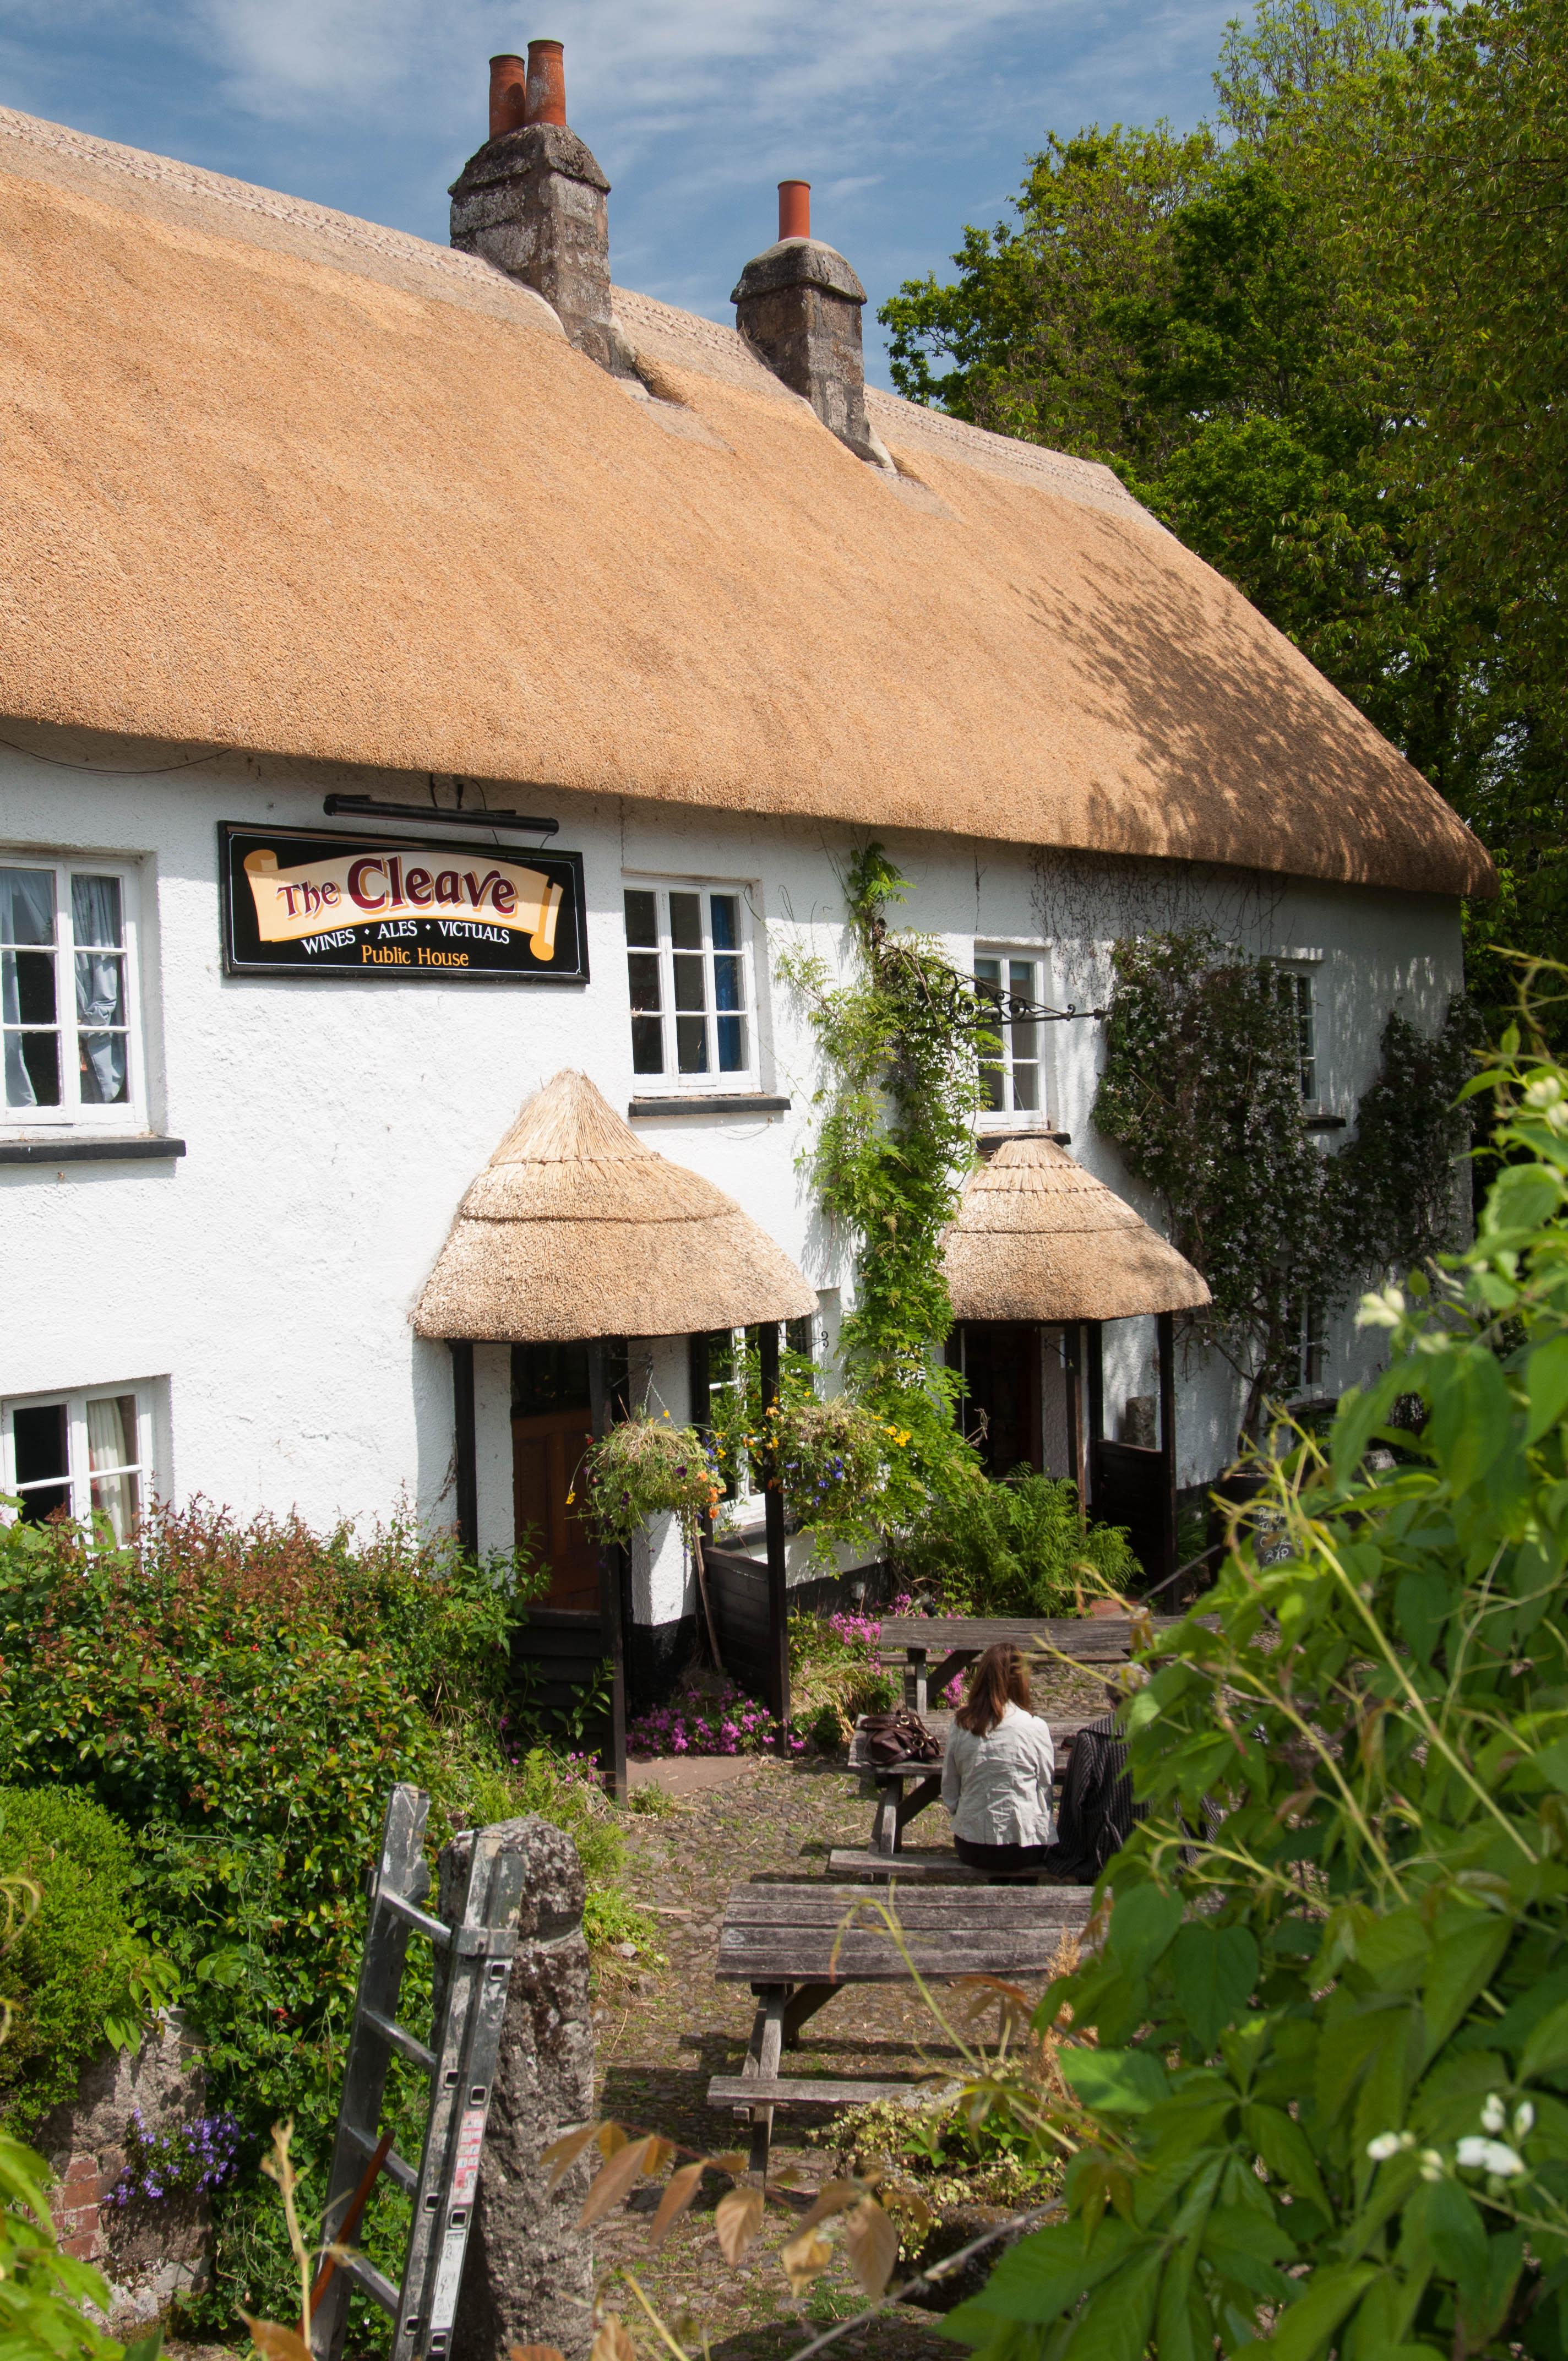 Lustleigh, Devon